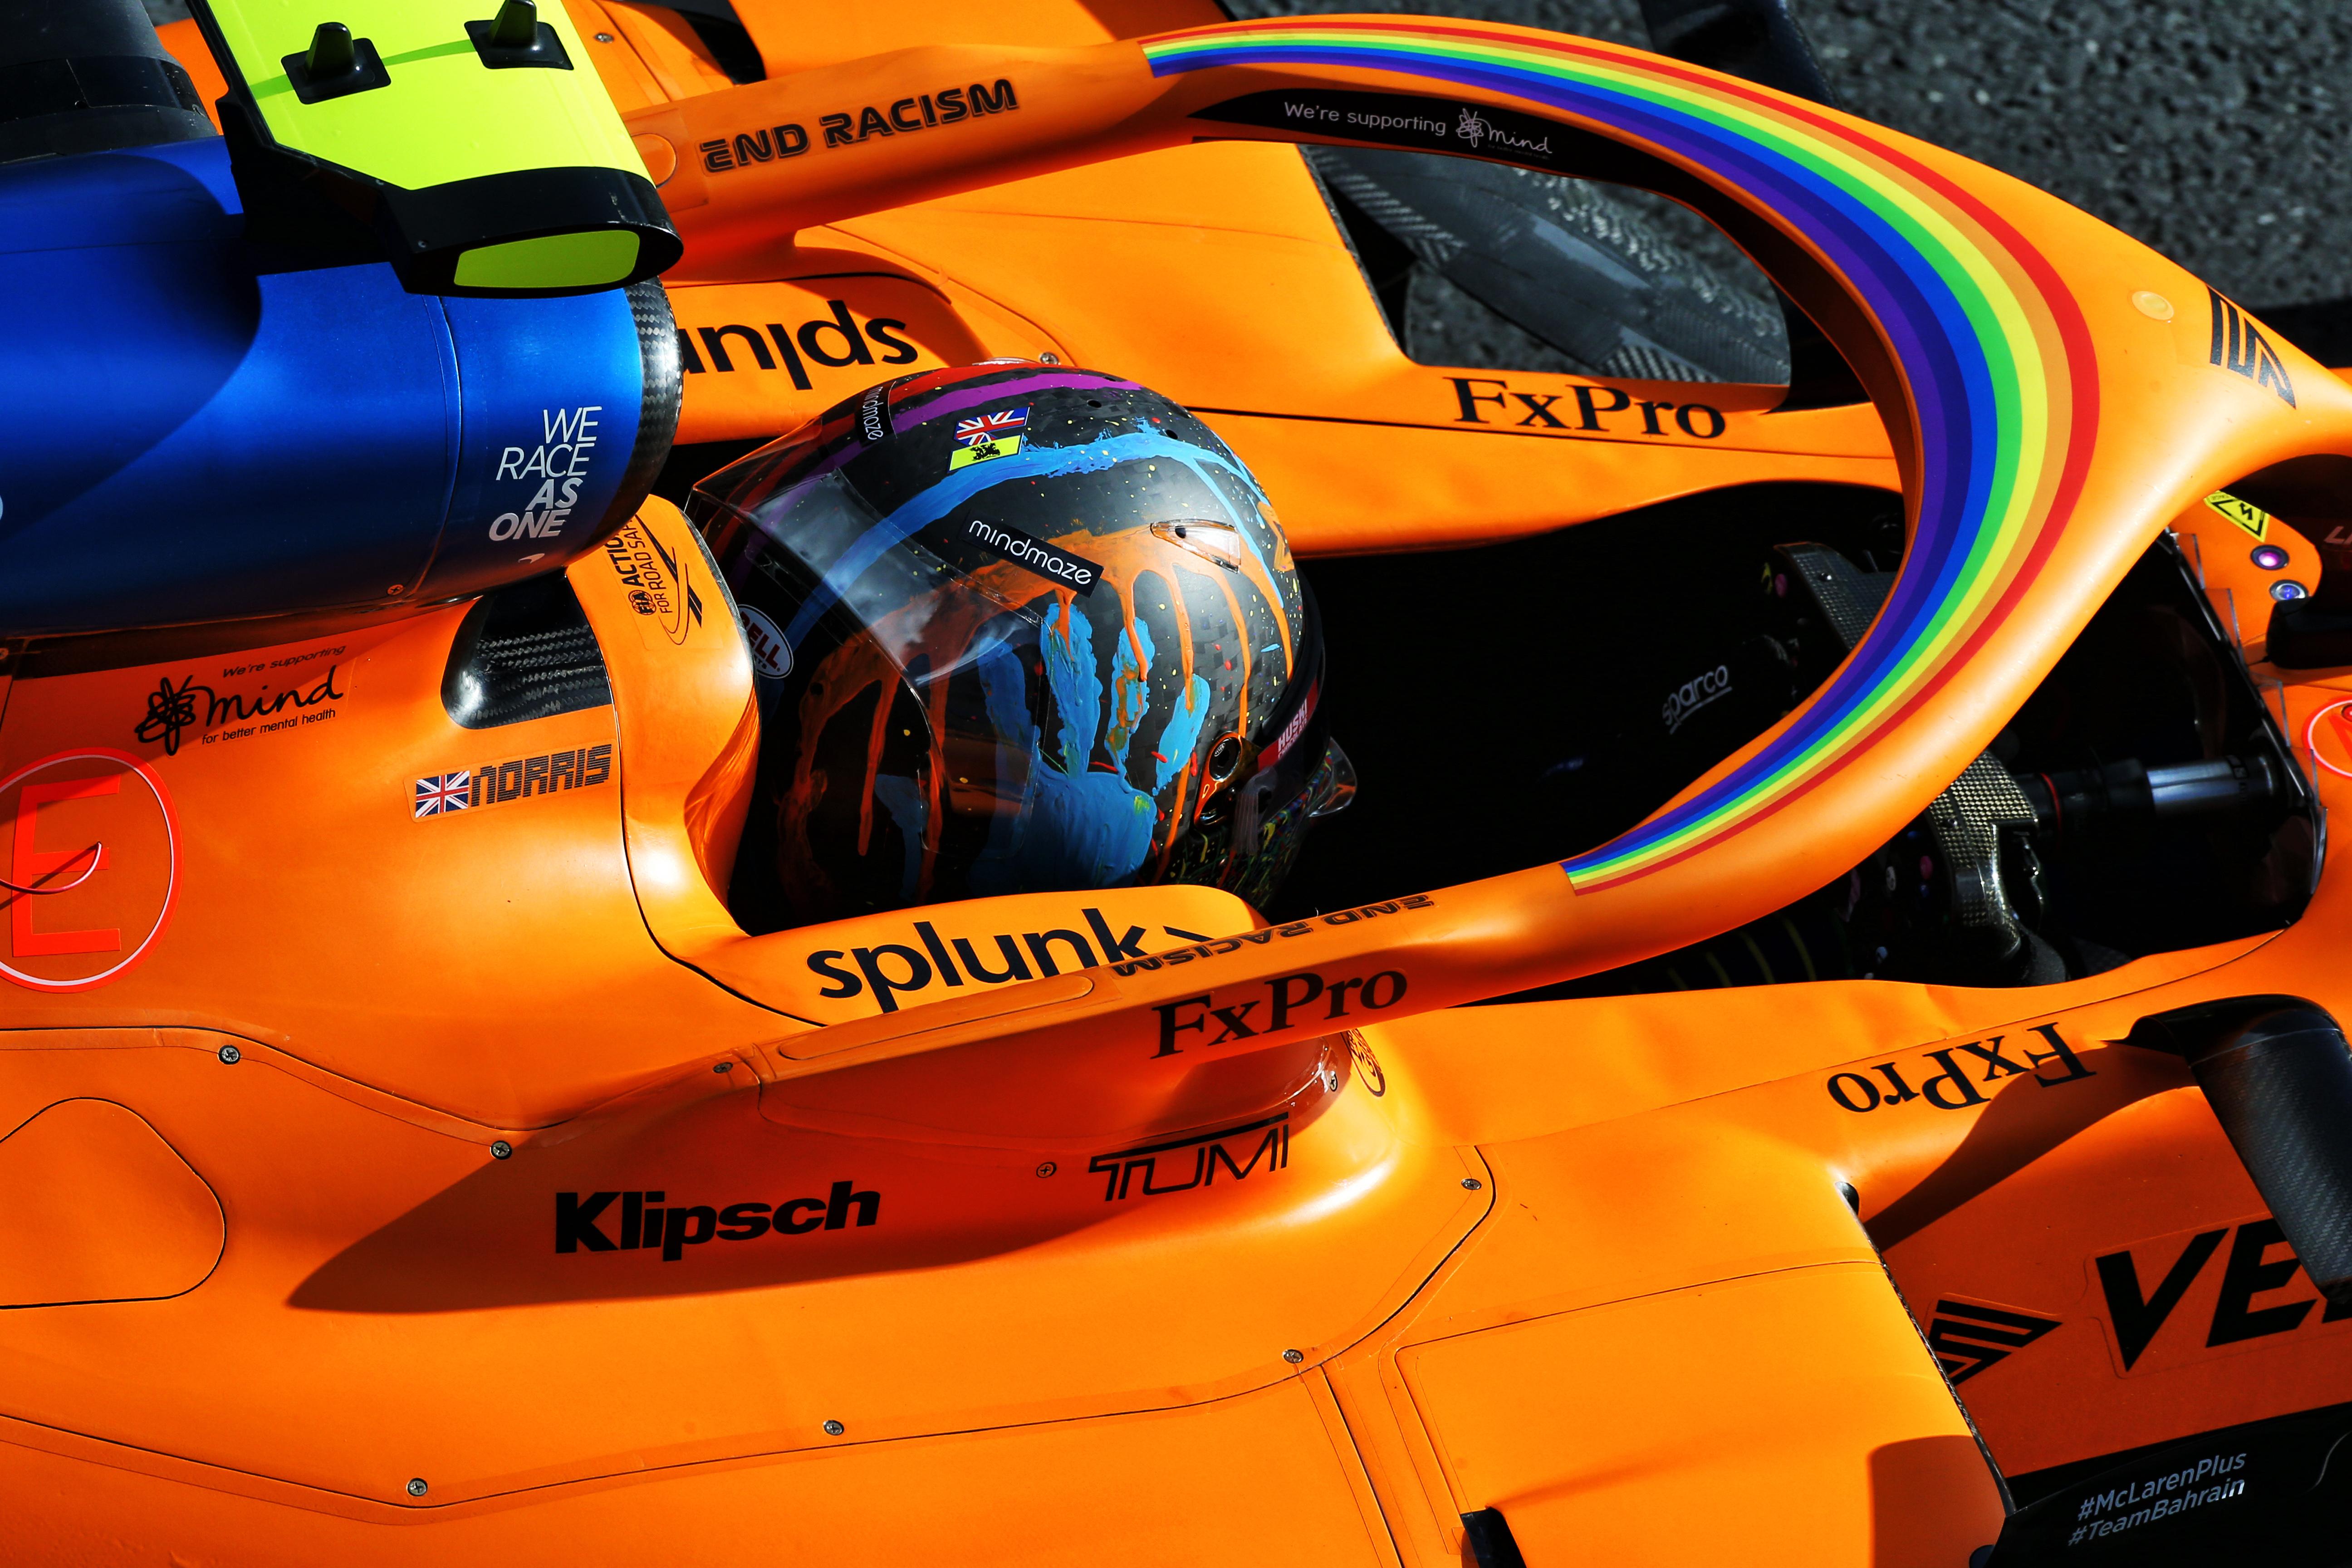 Lando Norris McLaren F1 2020